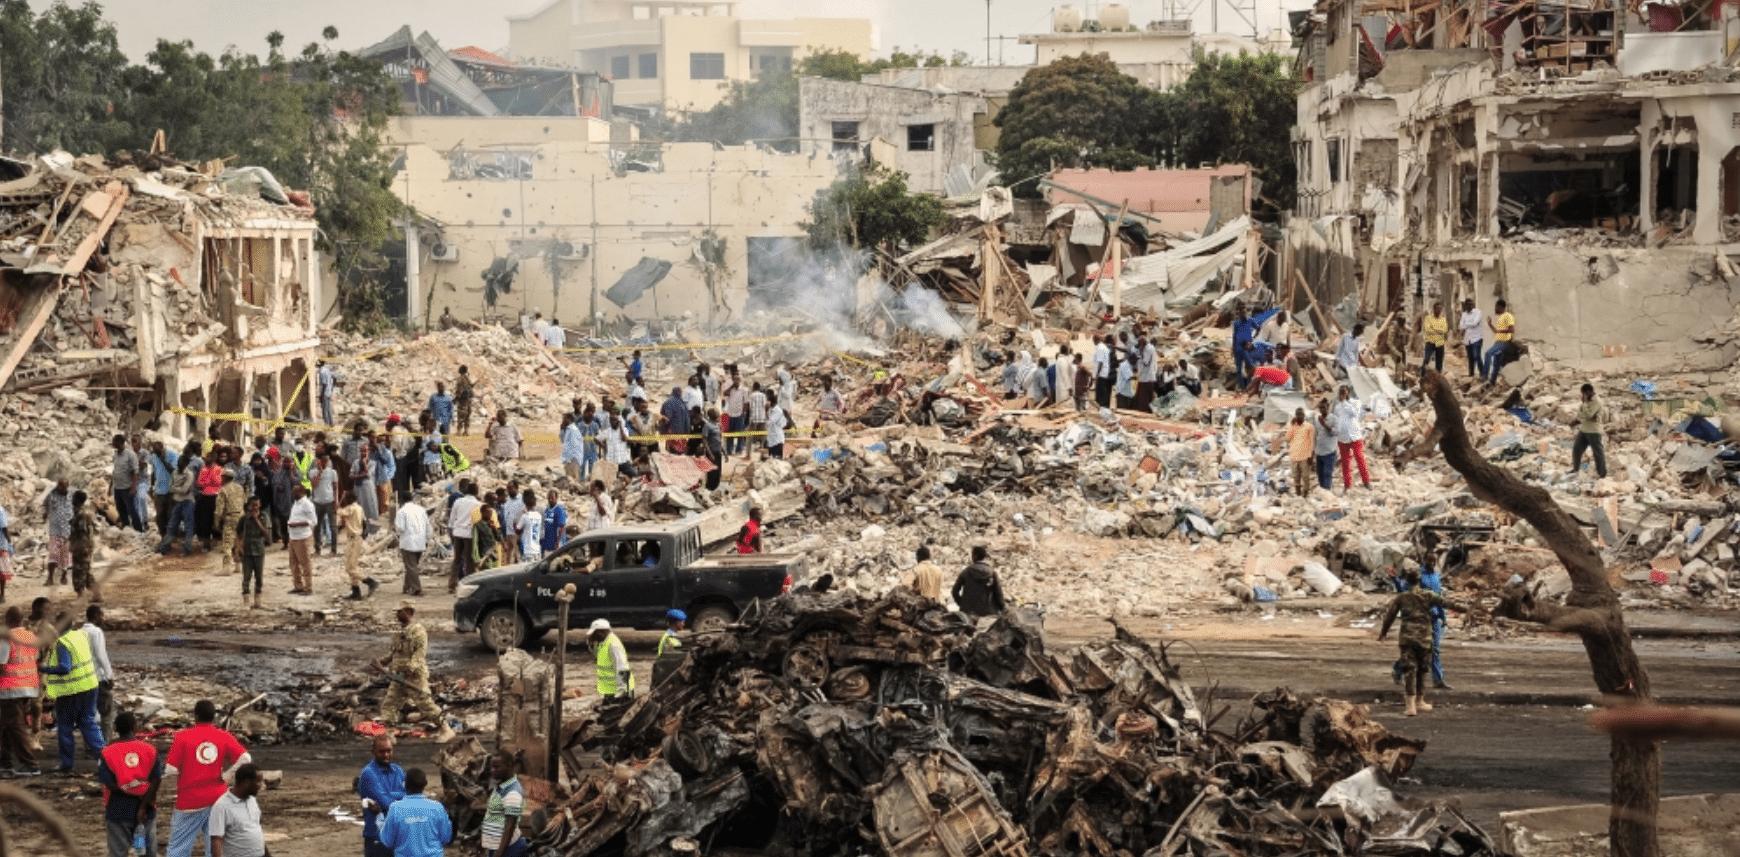 La (non) risposta europea all'11 settembre della Somalia: media e meccanismi del terrorismo